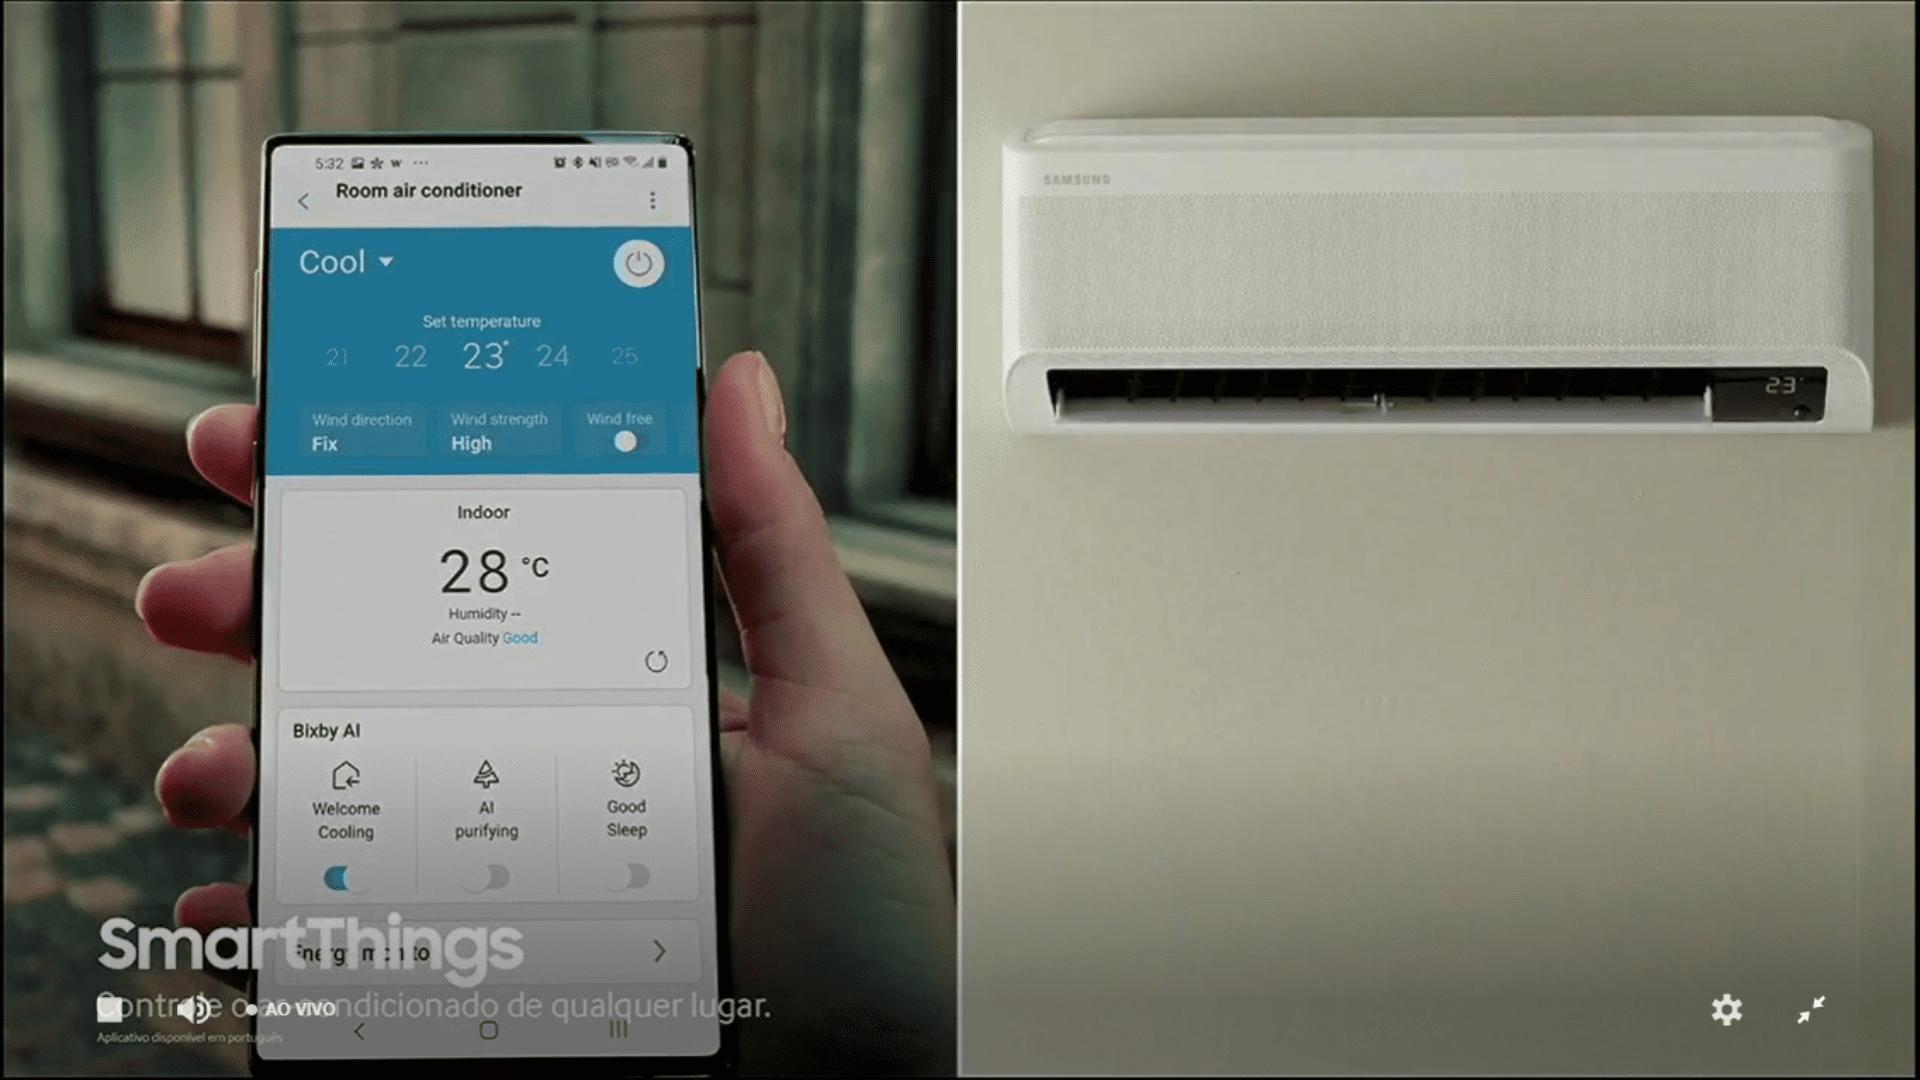 Com o app Smart Things é possível controlar o ar condicionado até mesmo à distância. (Imagem: Reprodução/Samsung)